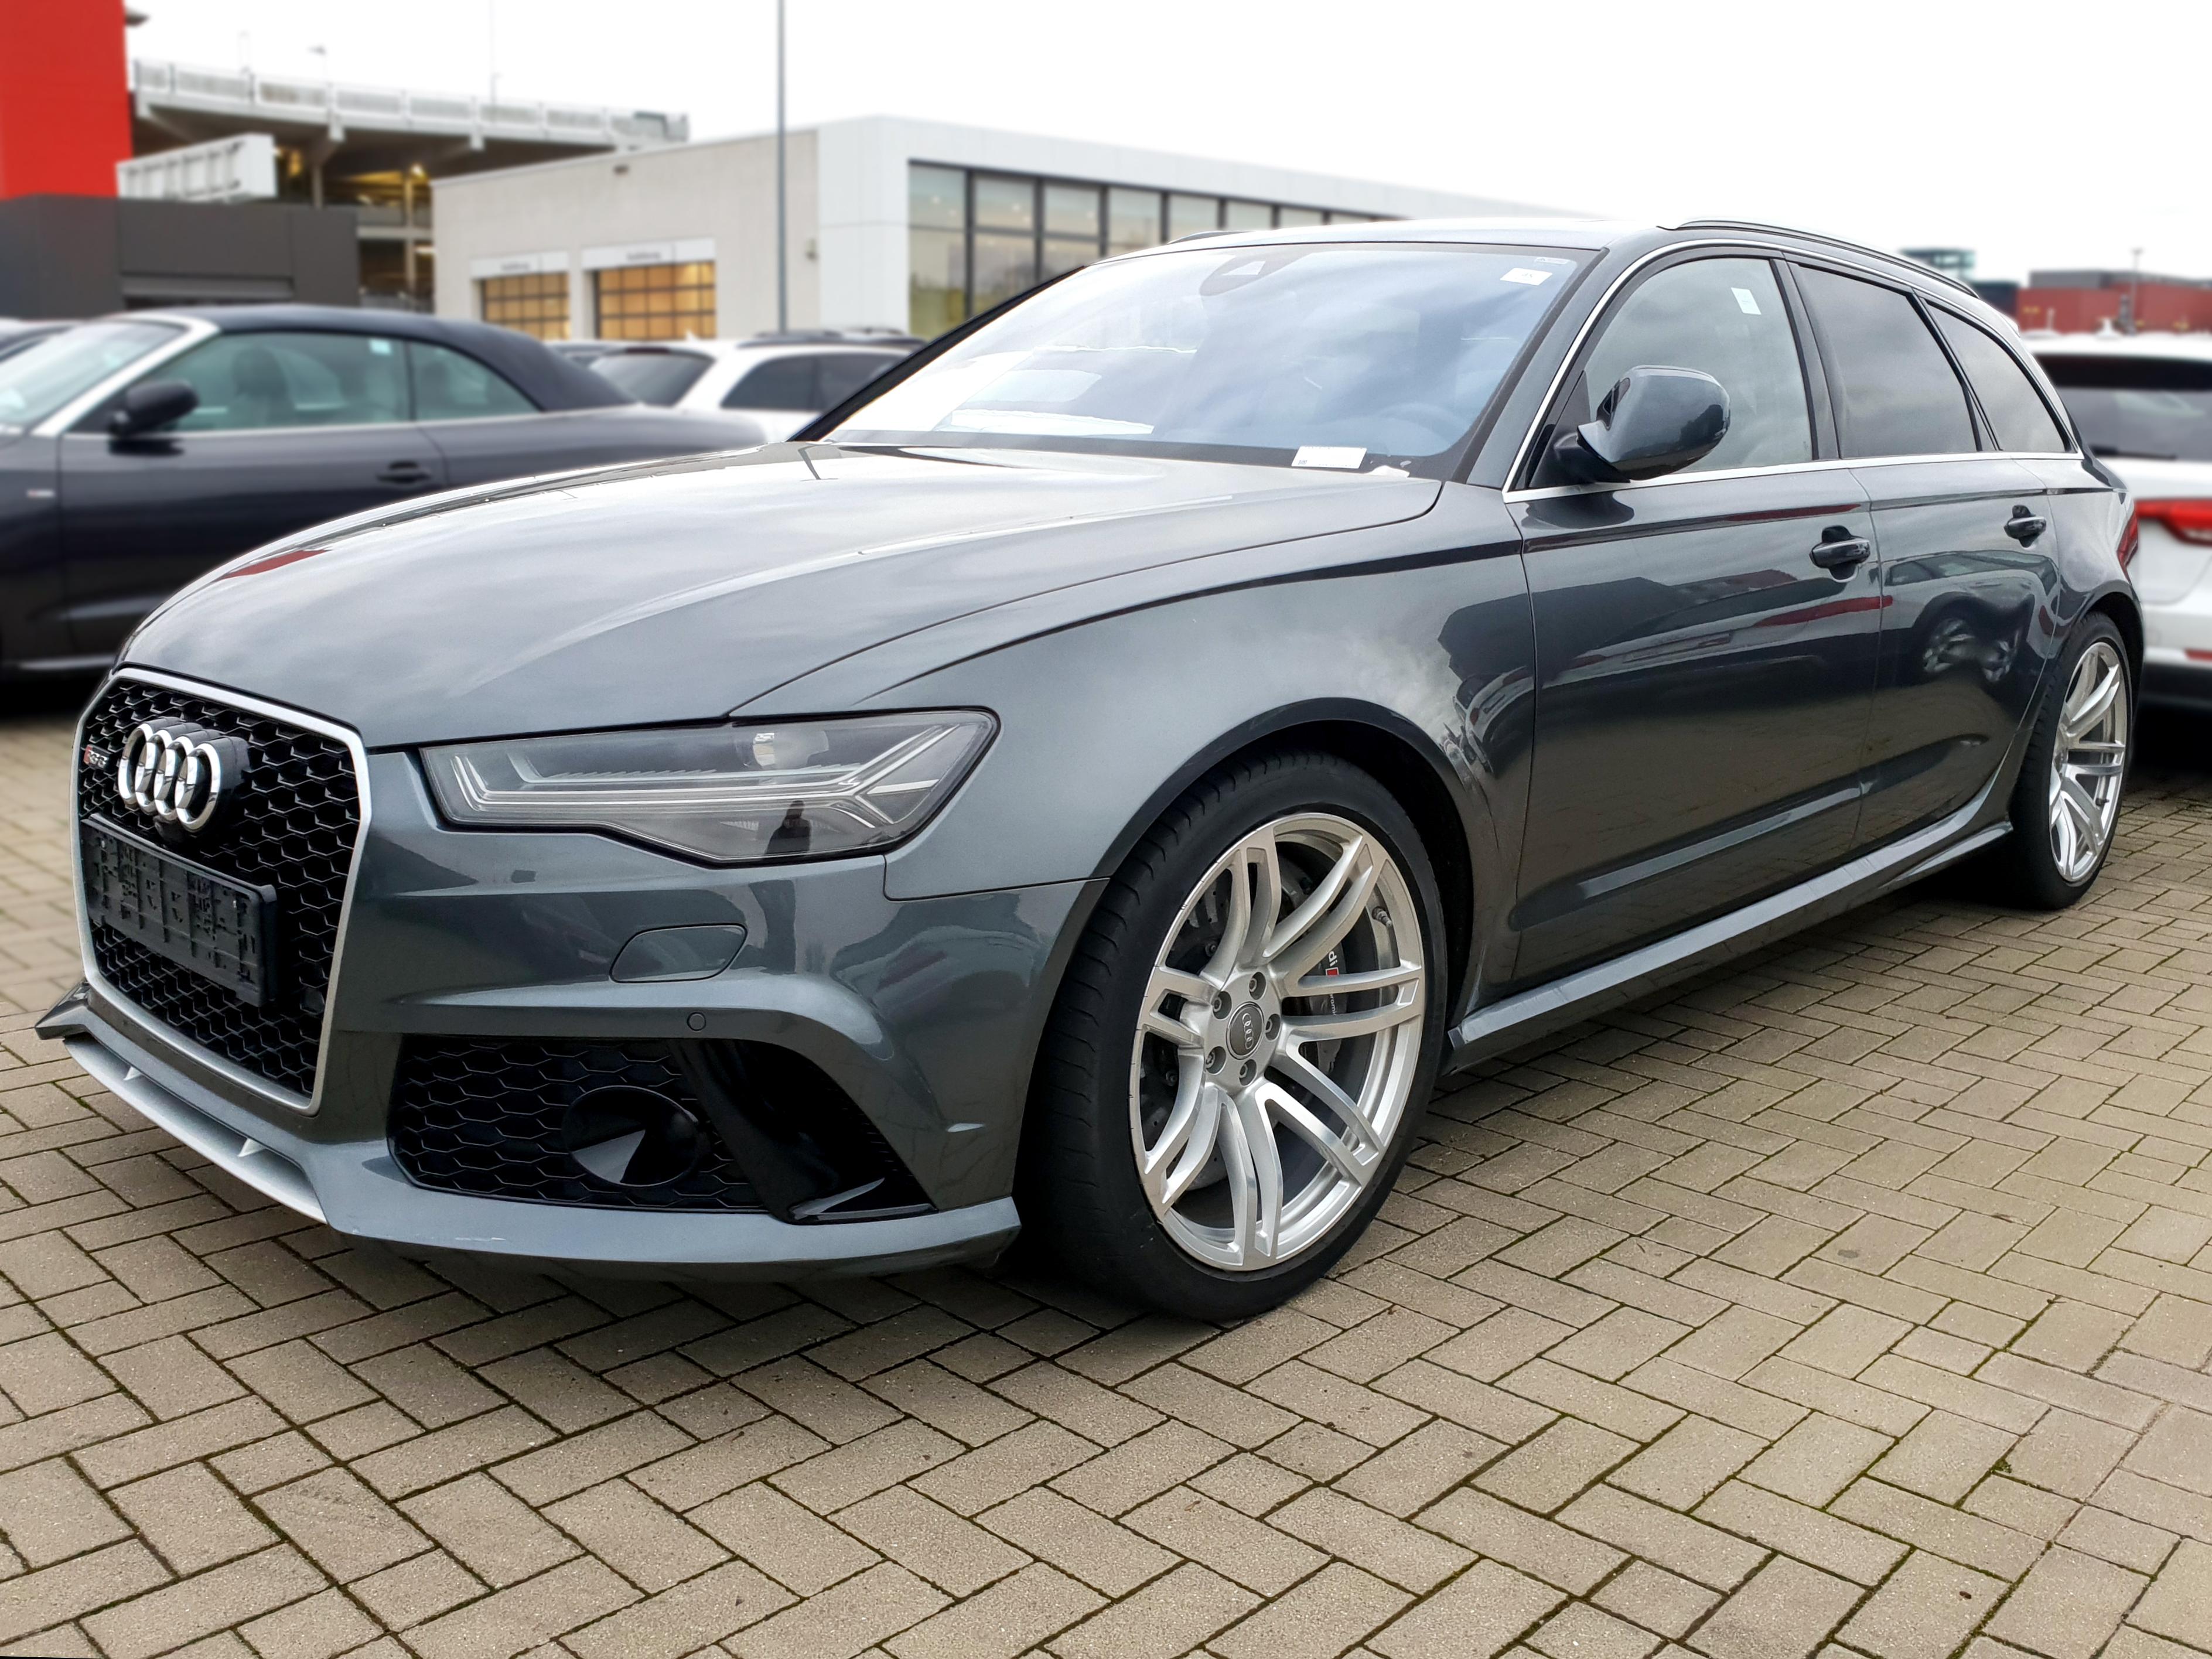 Kekurangan Audi Rs6 2015 Tangguh